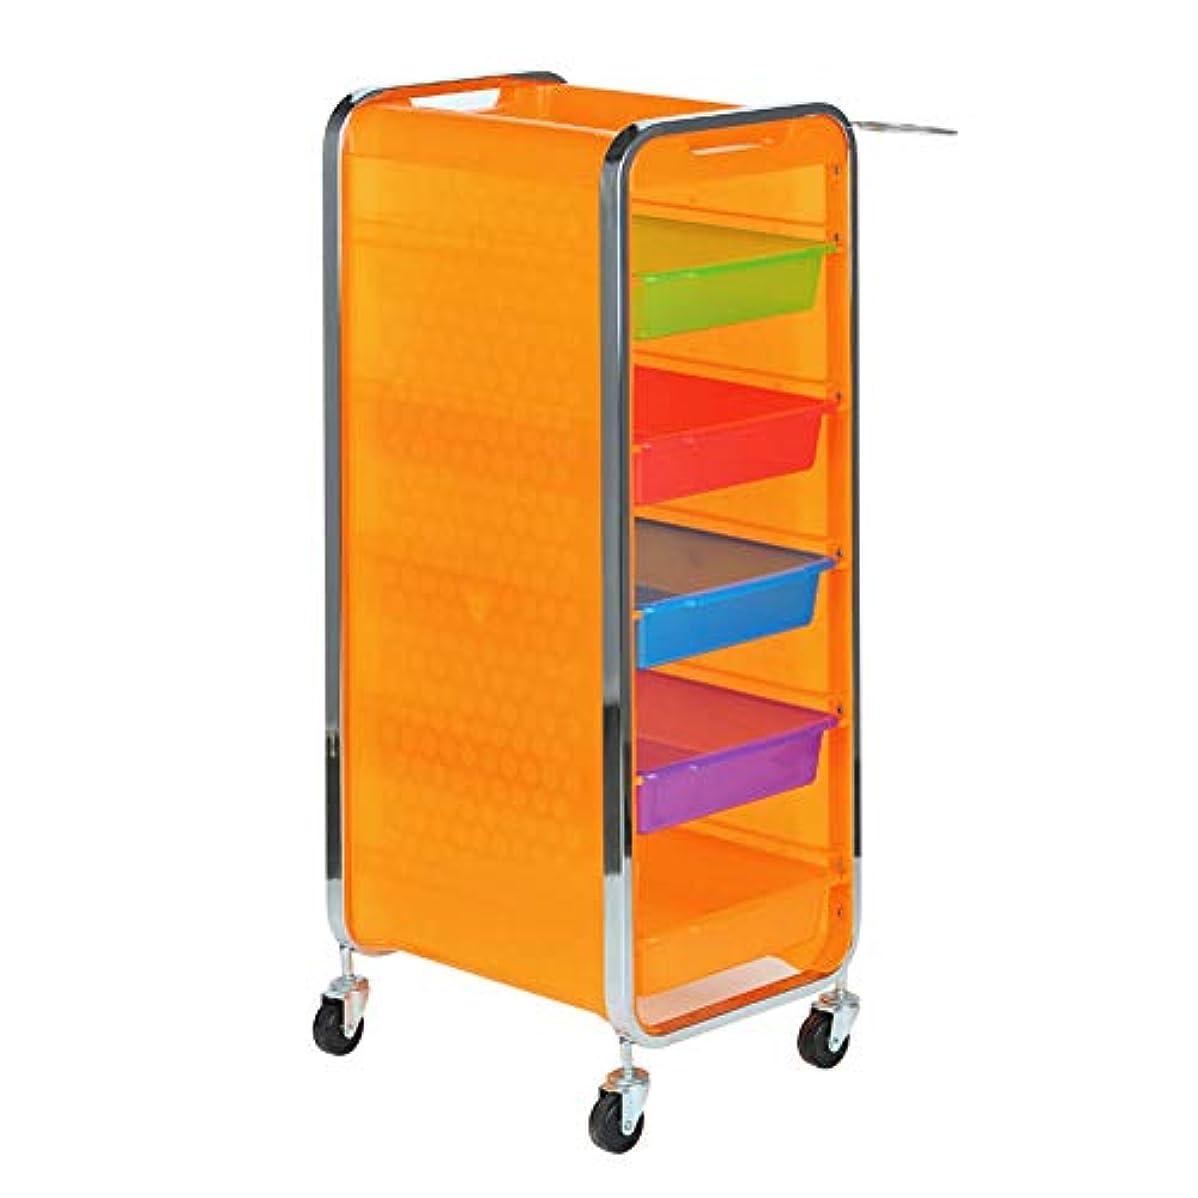 場所隔離ファイナンスサロン美容院トロリー美容美容収納カート6層トレイ多機能引き出し虹色,Orange,B